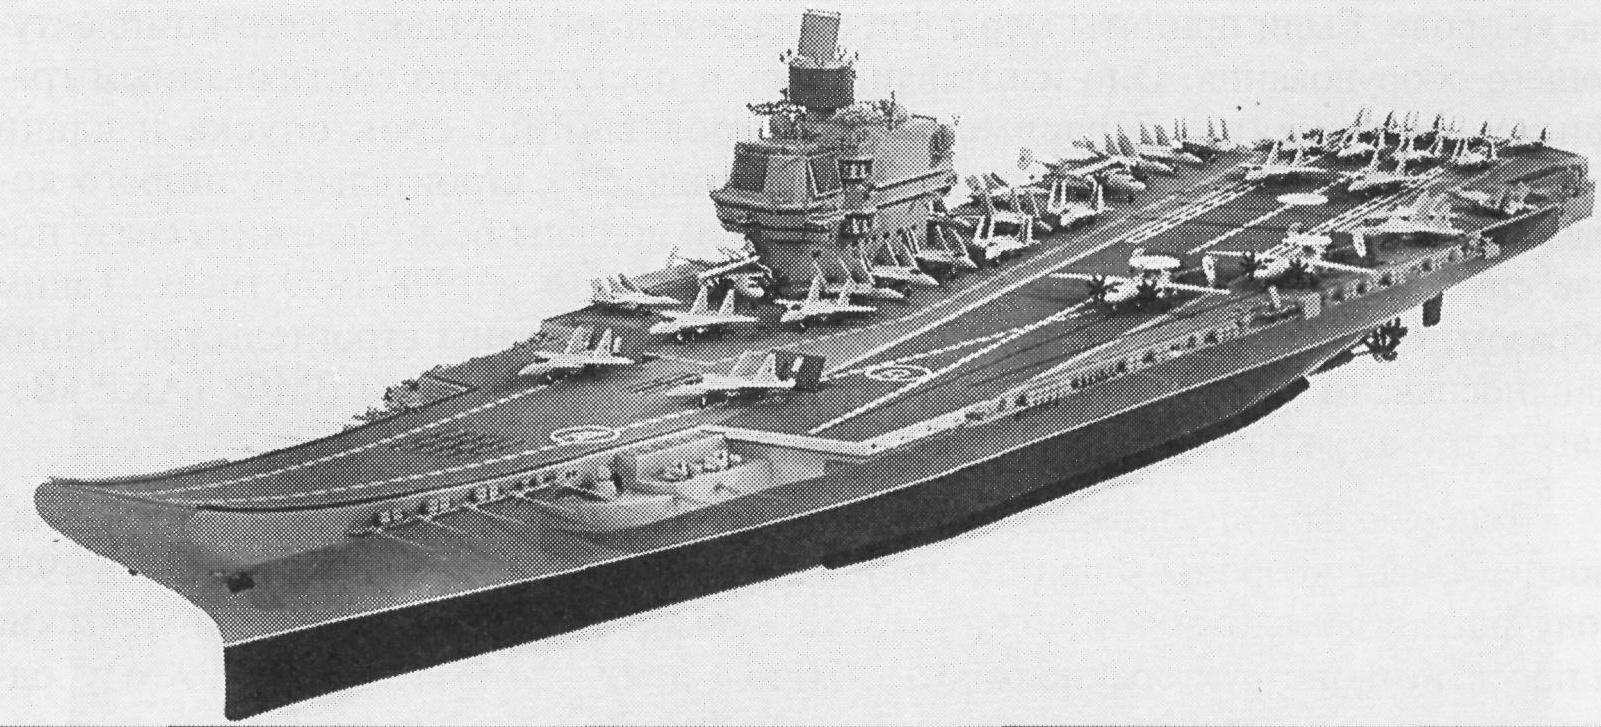 Deslocando mais de 80.000 toneladas, com um reator nuclear, os Ulyanovsk foram os primeiros verdadeiros concorrentes soviéticos aos super porta-aviões estadunidenses.